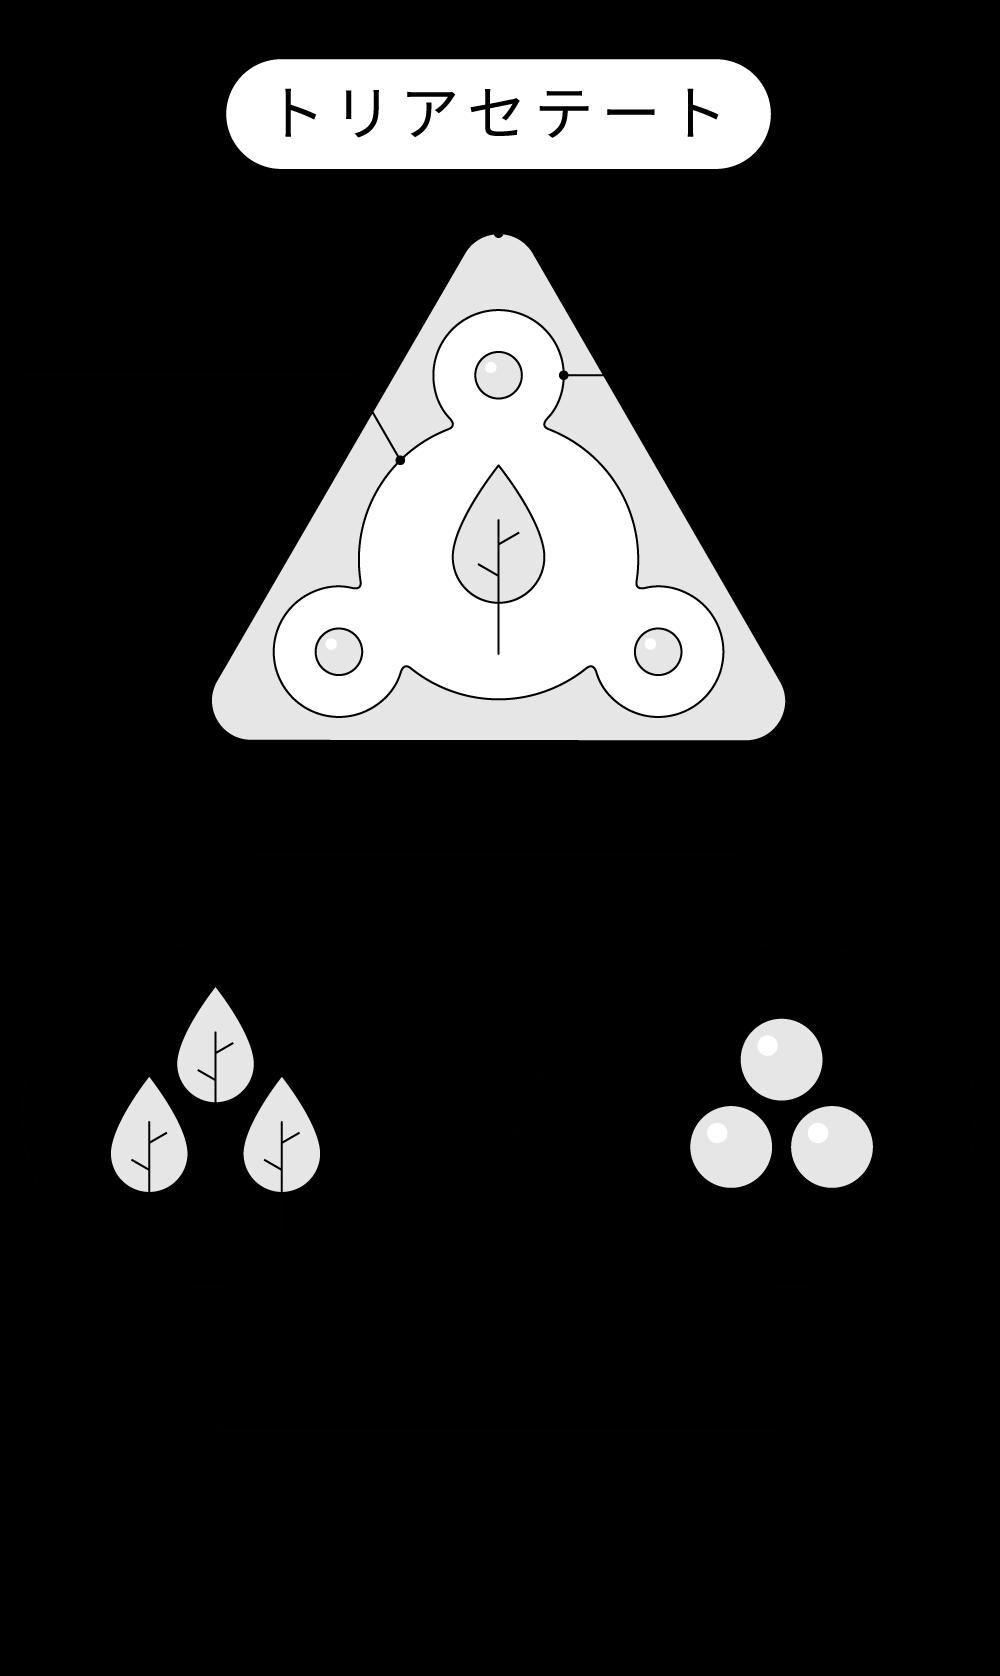 トリアセテートの構造紹介